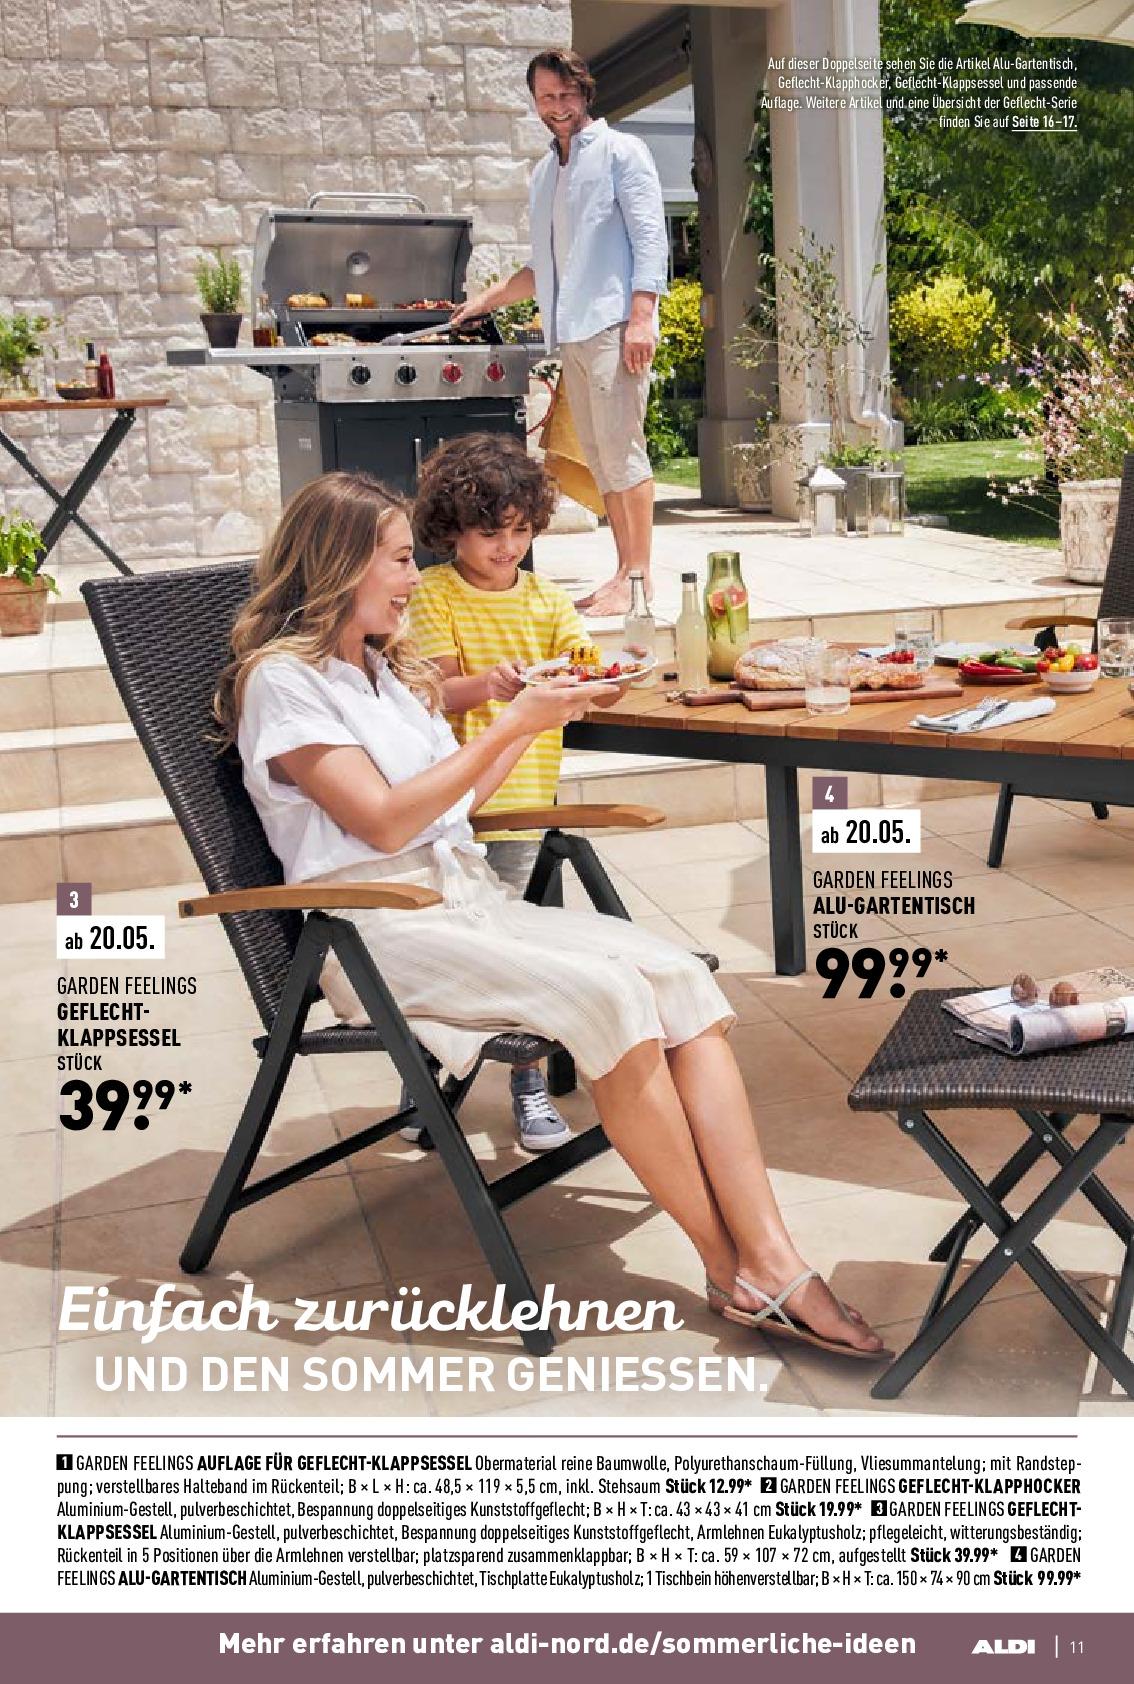 Full Size of Gartentisch Nord Prospekt Angebote Ab 06042020 Bis 11042020 Seite Relaxsessel Garten Wohnzimmer Gartentisch Aldi